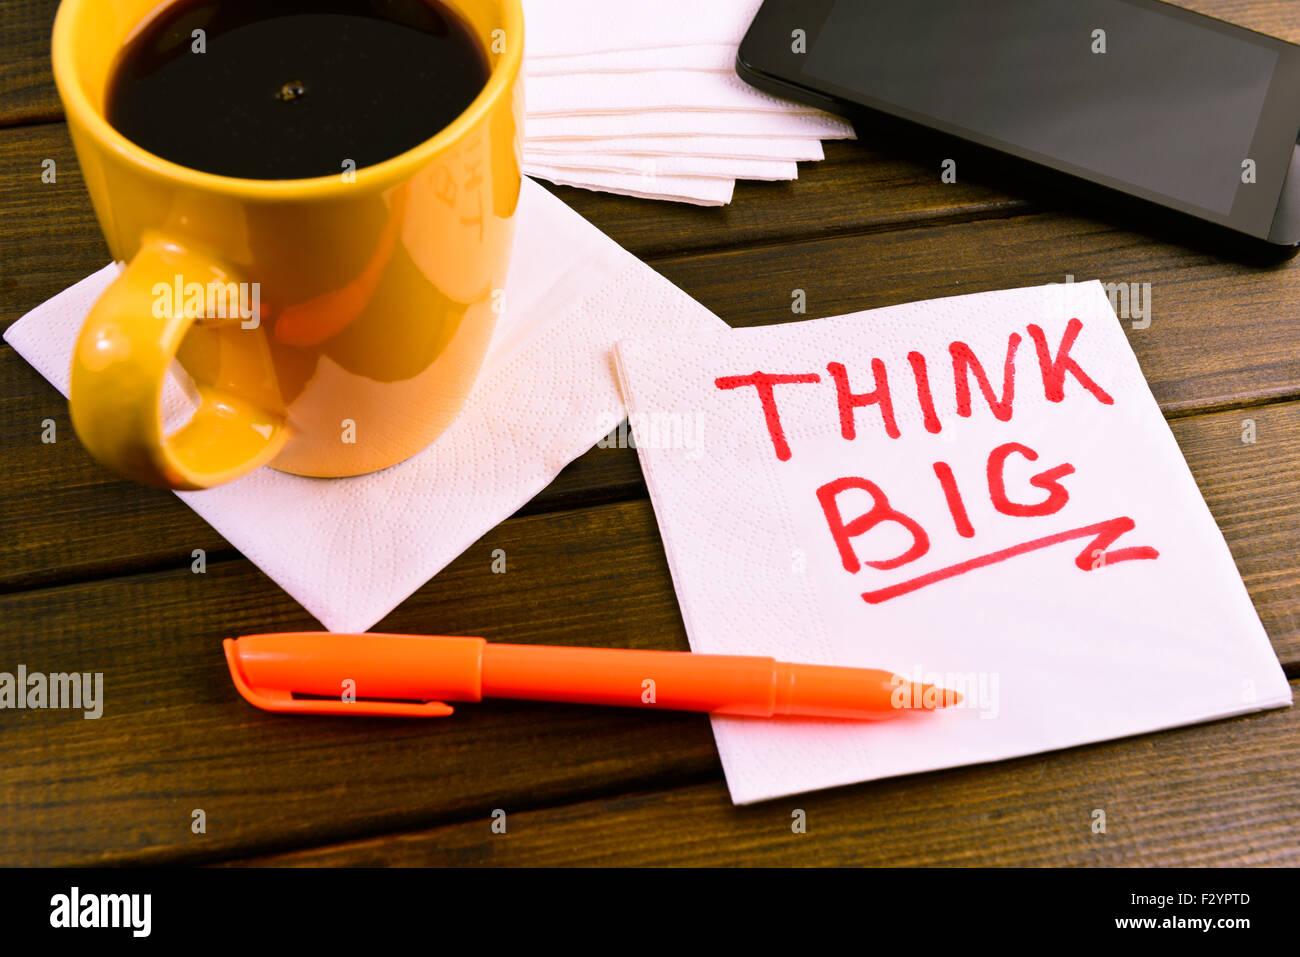 """Serviette skizzieren """"Think big"""" auf Café Serviette Stockbild"""